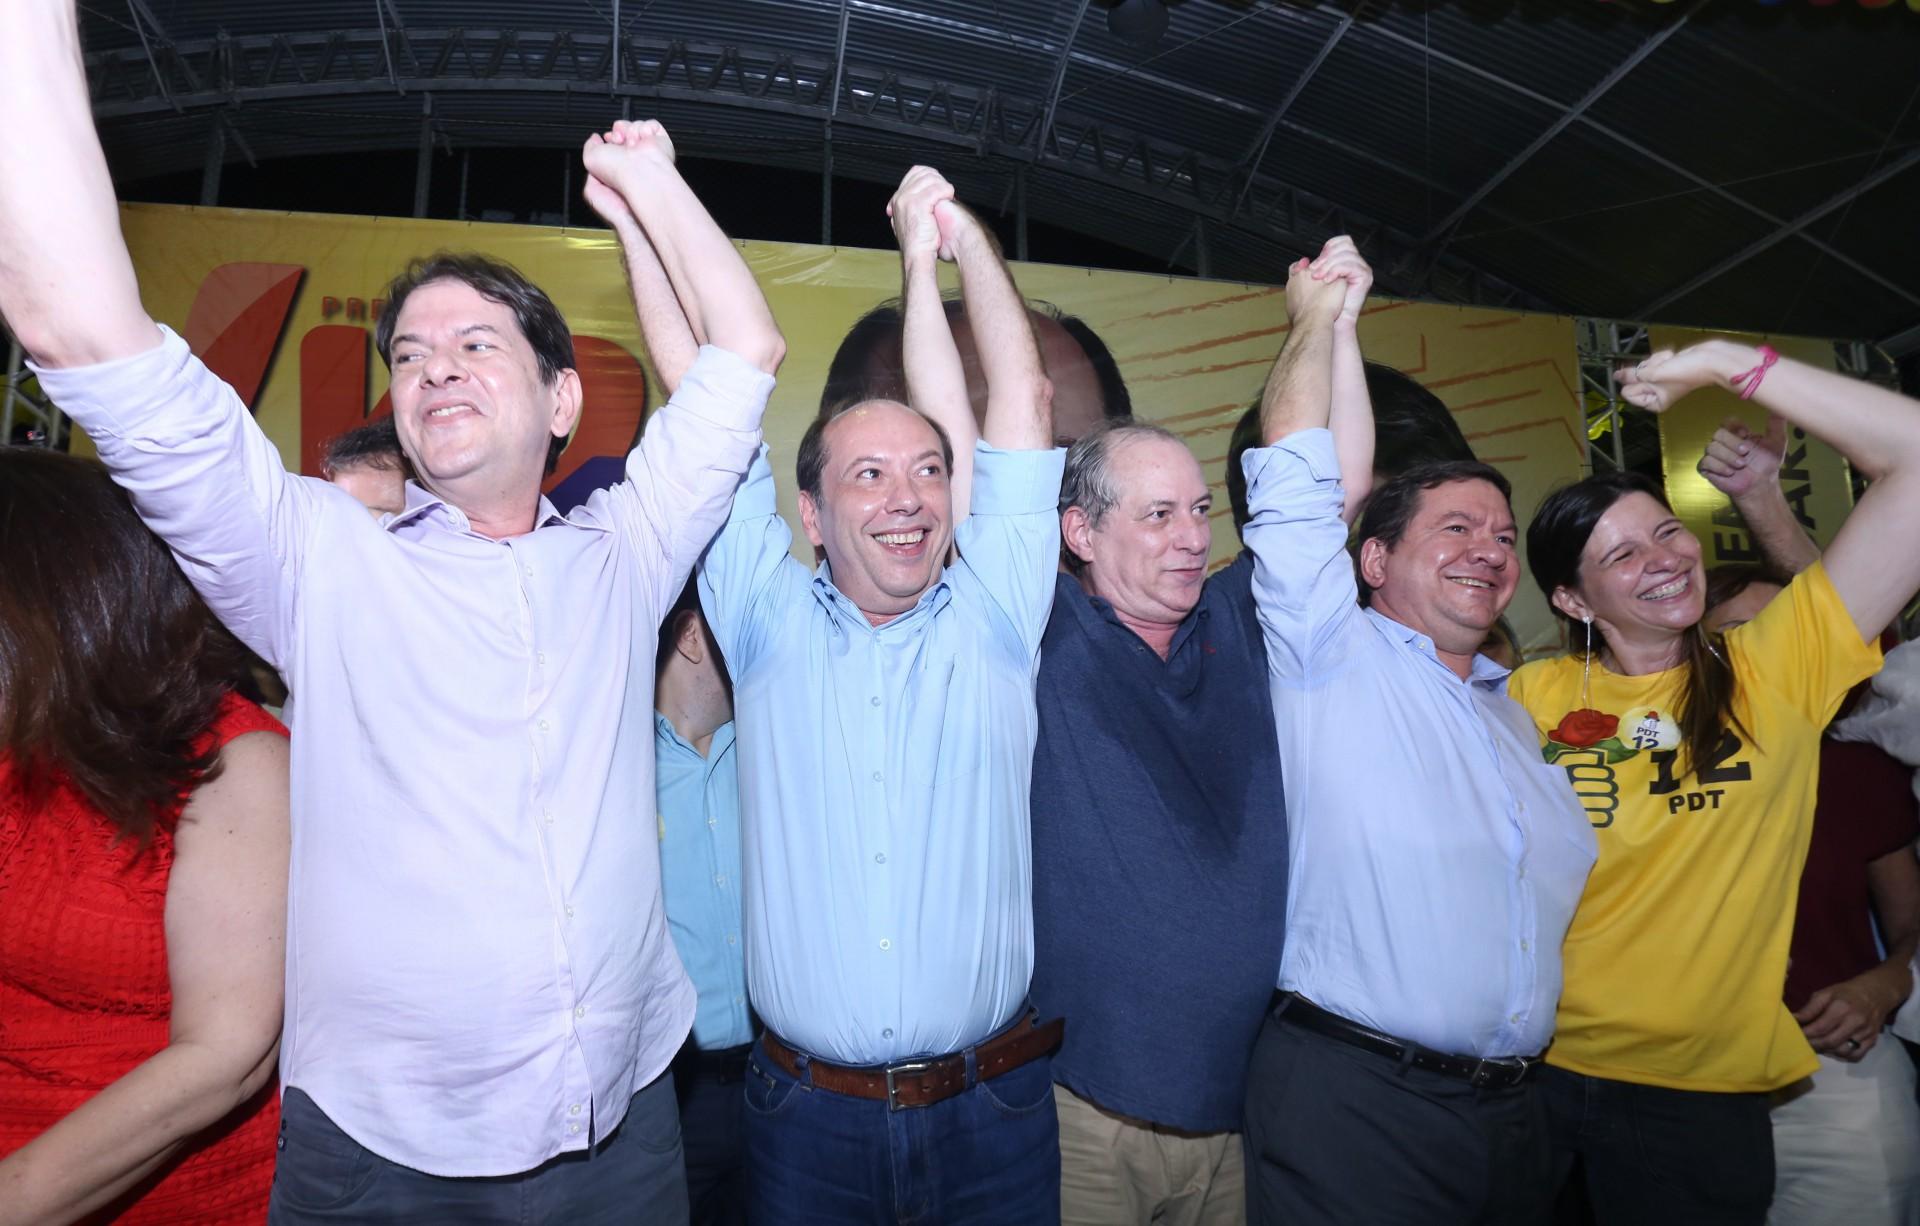 Família Ferreira Gomes tentará mais quatro de poder em Sobral com Ivo, irmão mais novo de Ciro e Cid